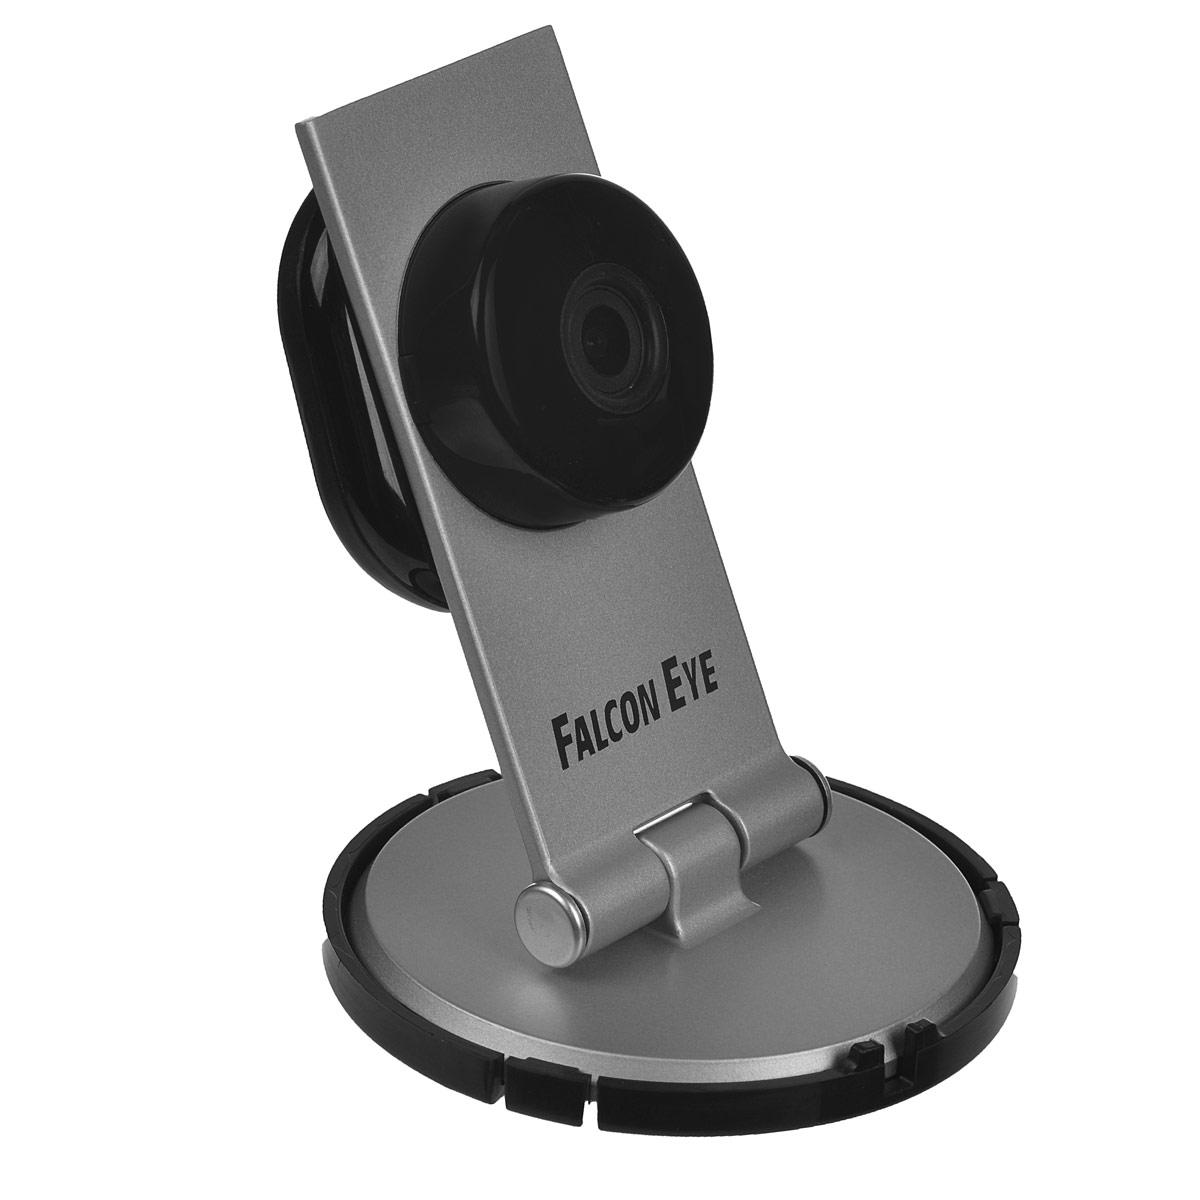 Falcon Eye FE-ITR1300 беcпроводная IP-камера